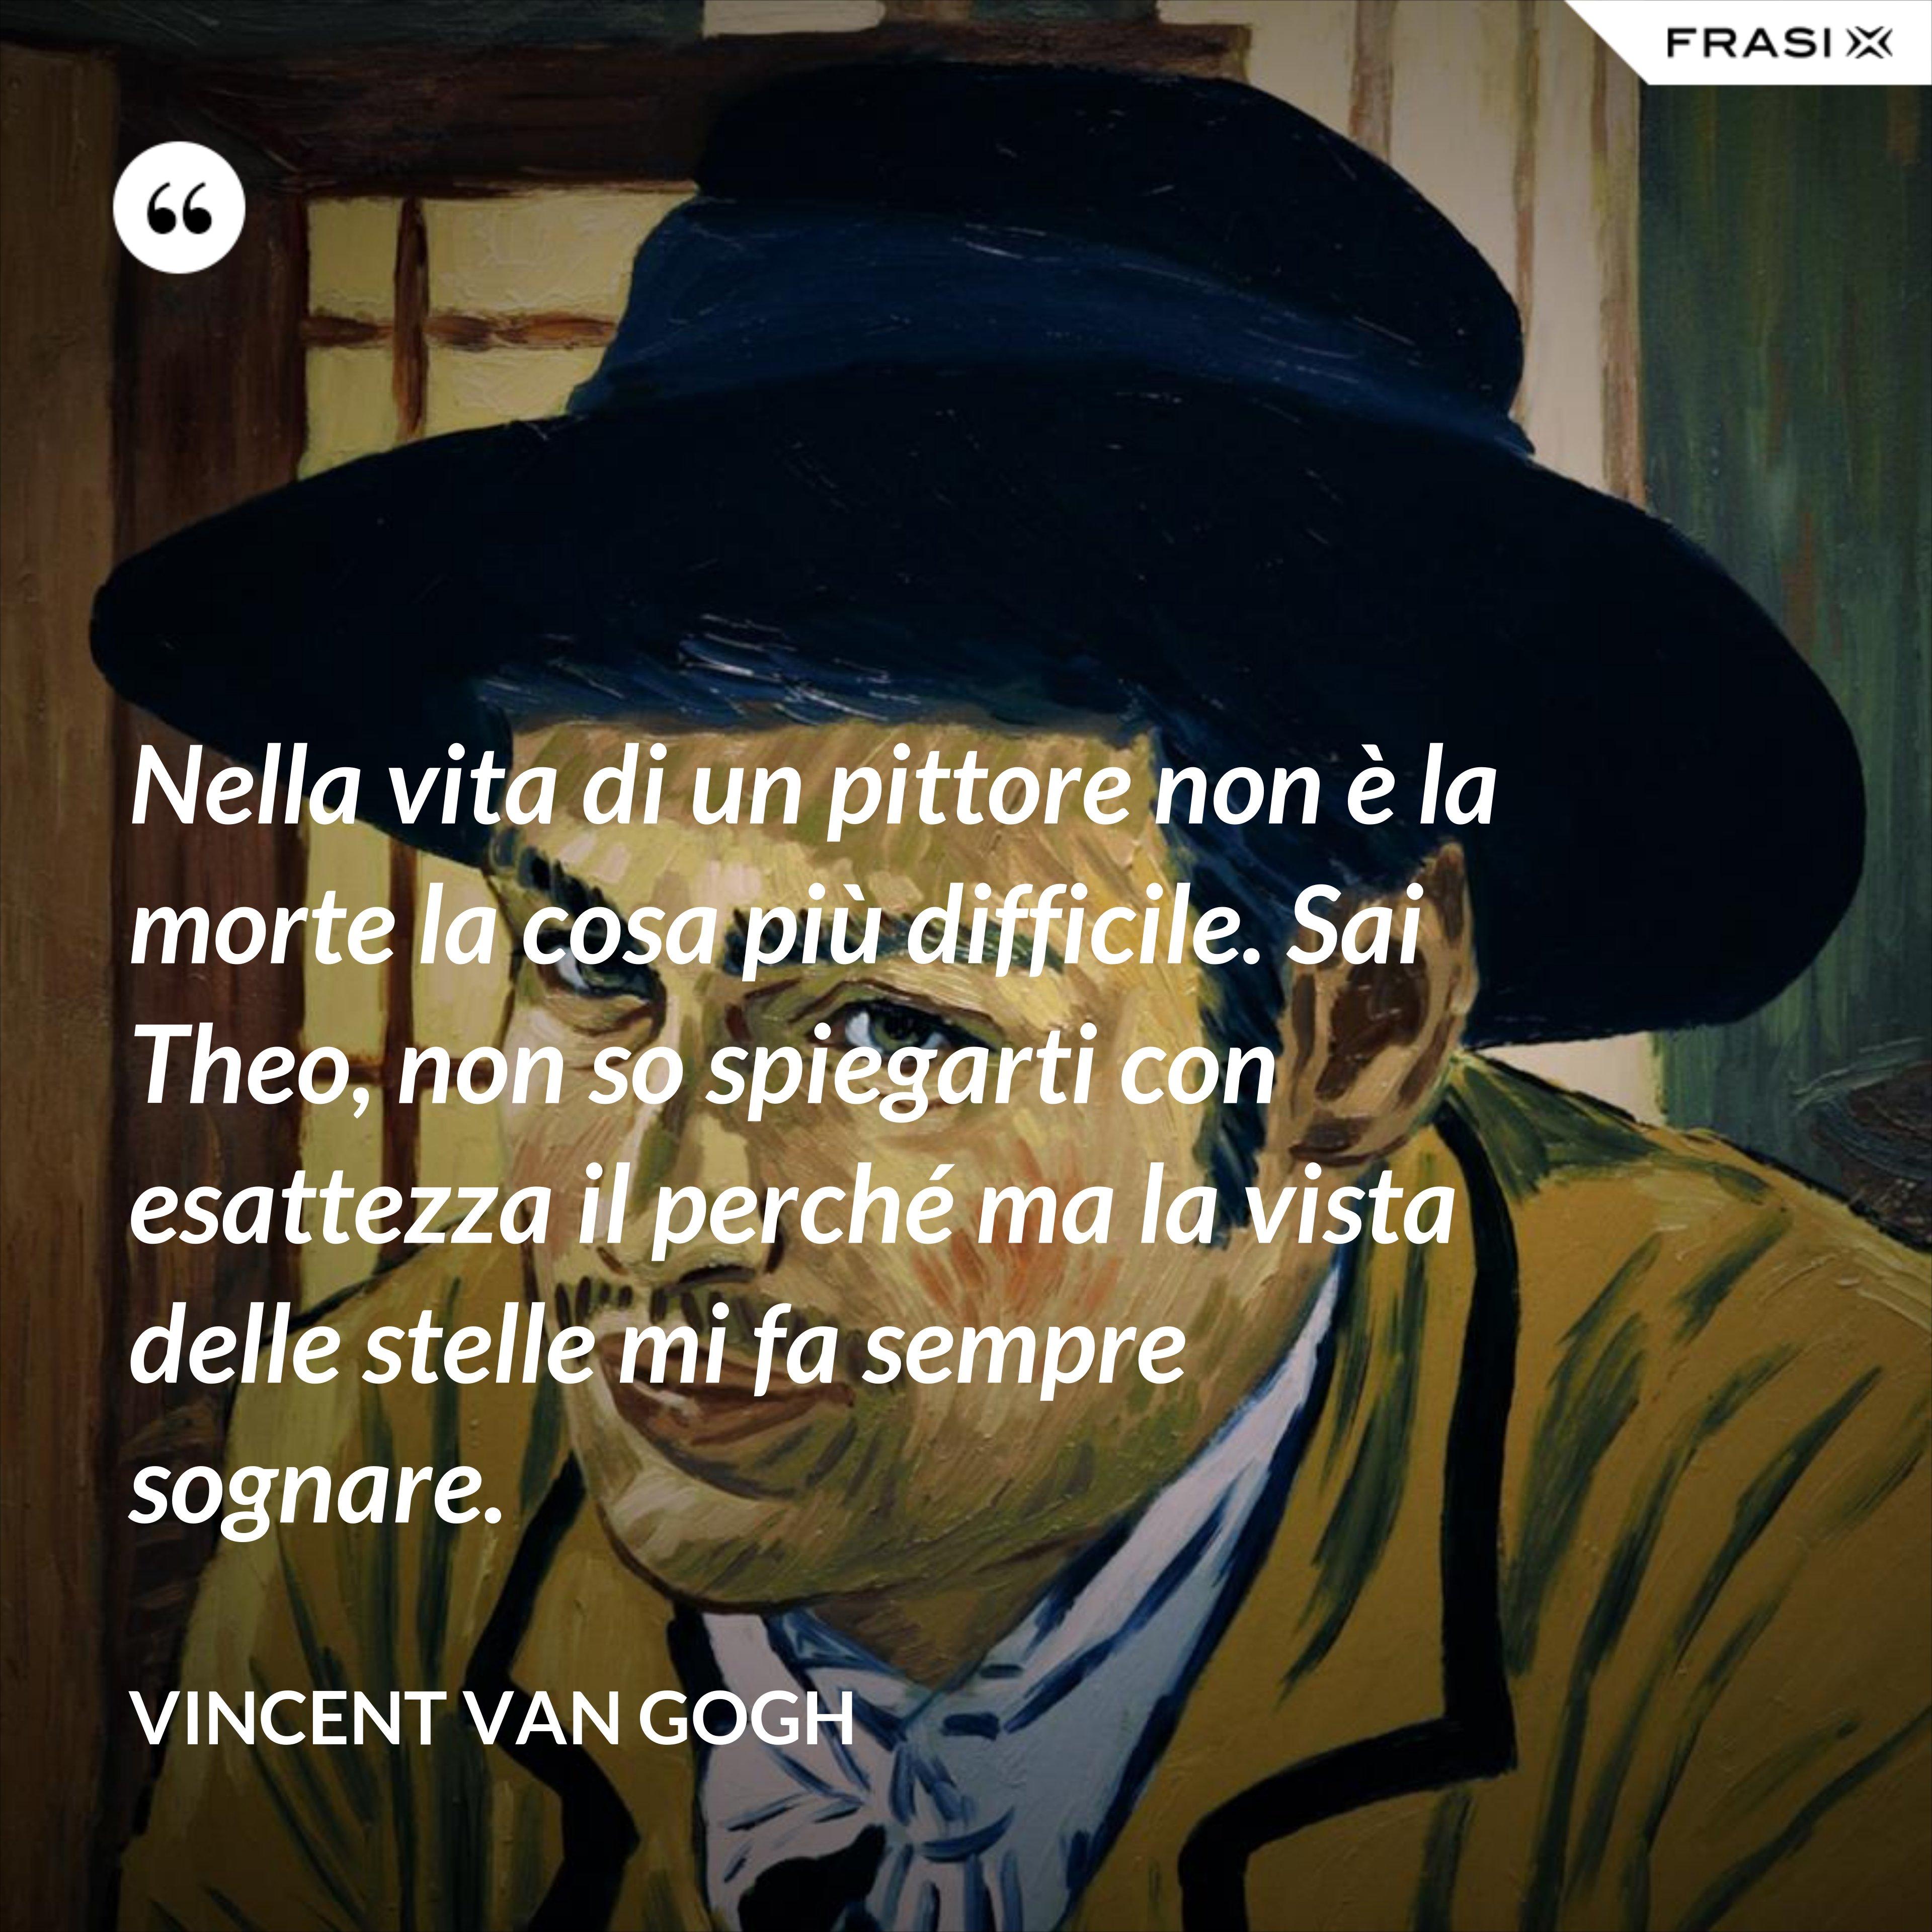 Nella vita di un pittore non è la morte la cosa più difficile. Sai Theo, non so spiegarti con esattezza il perché ma la vista delle stelle mi fa sempre sognare. - Vincent Van Gogh